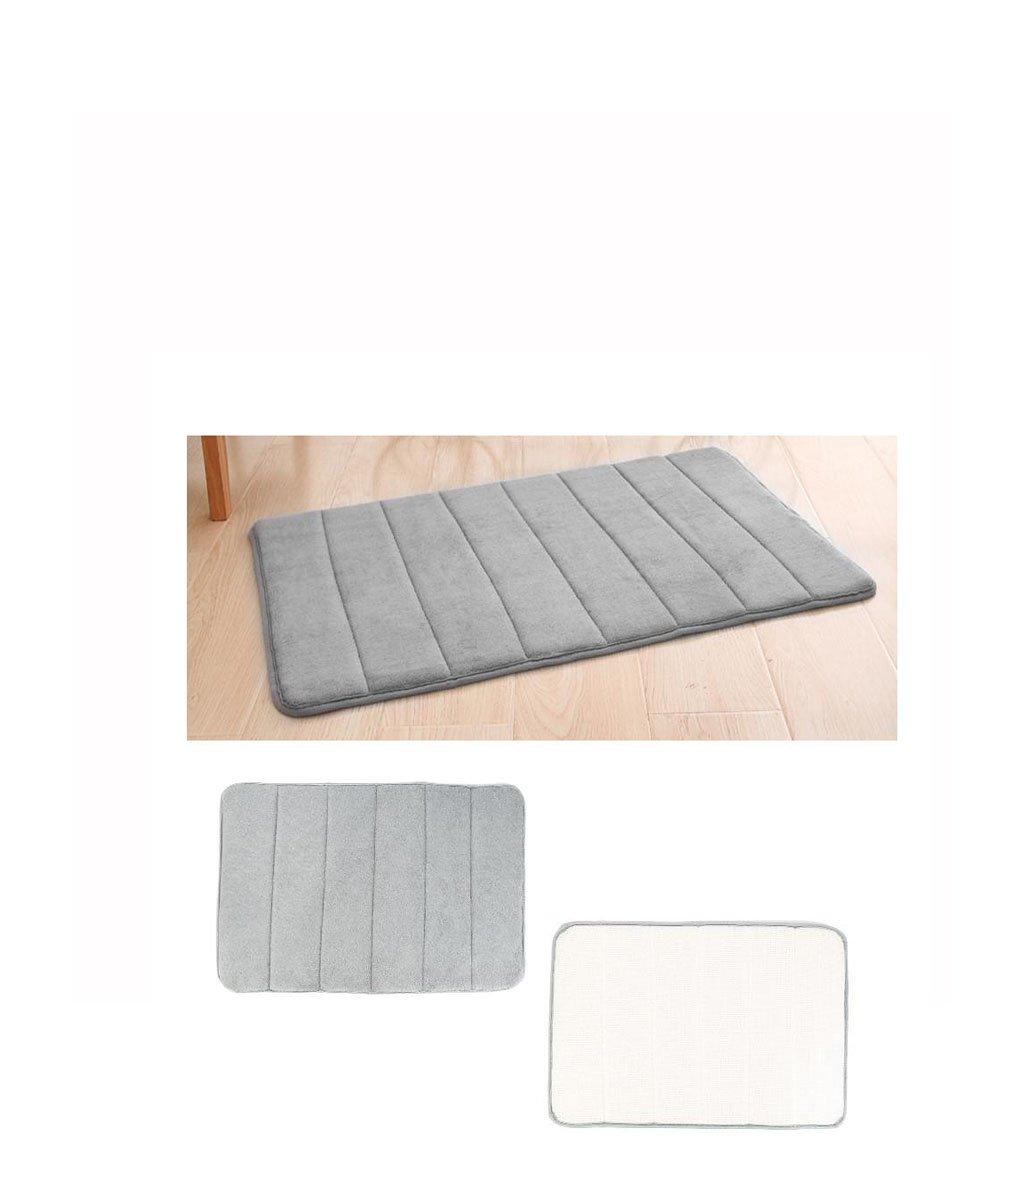 Non Slip Bathroom Mat For Elderly